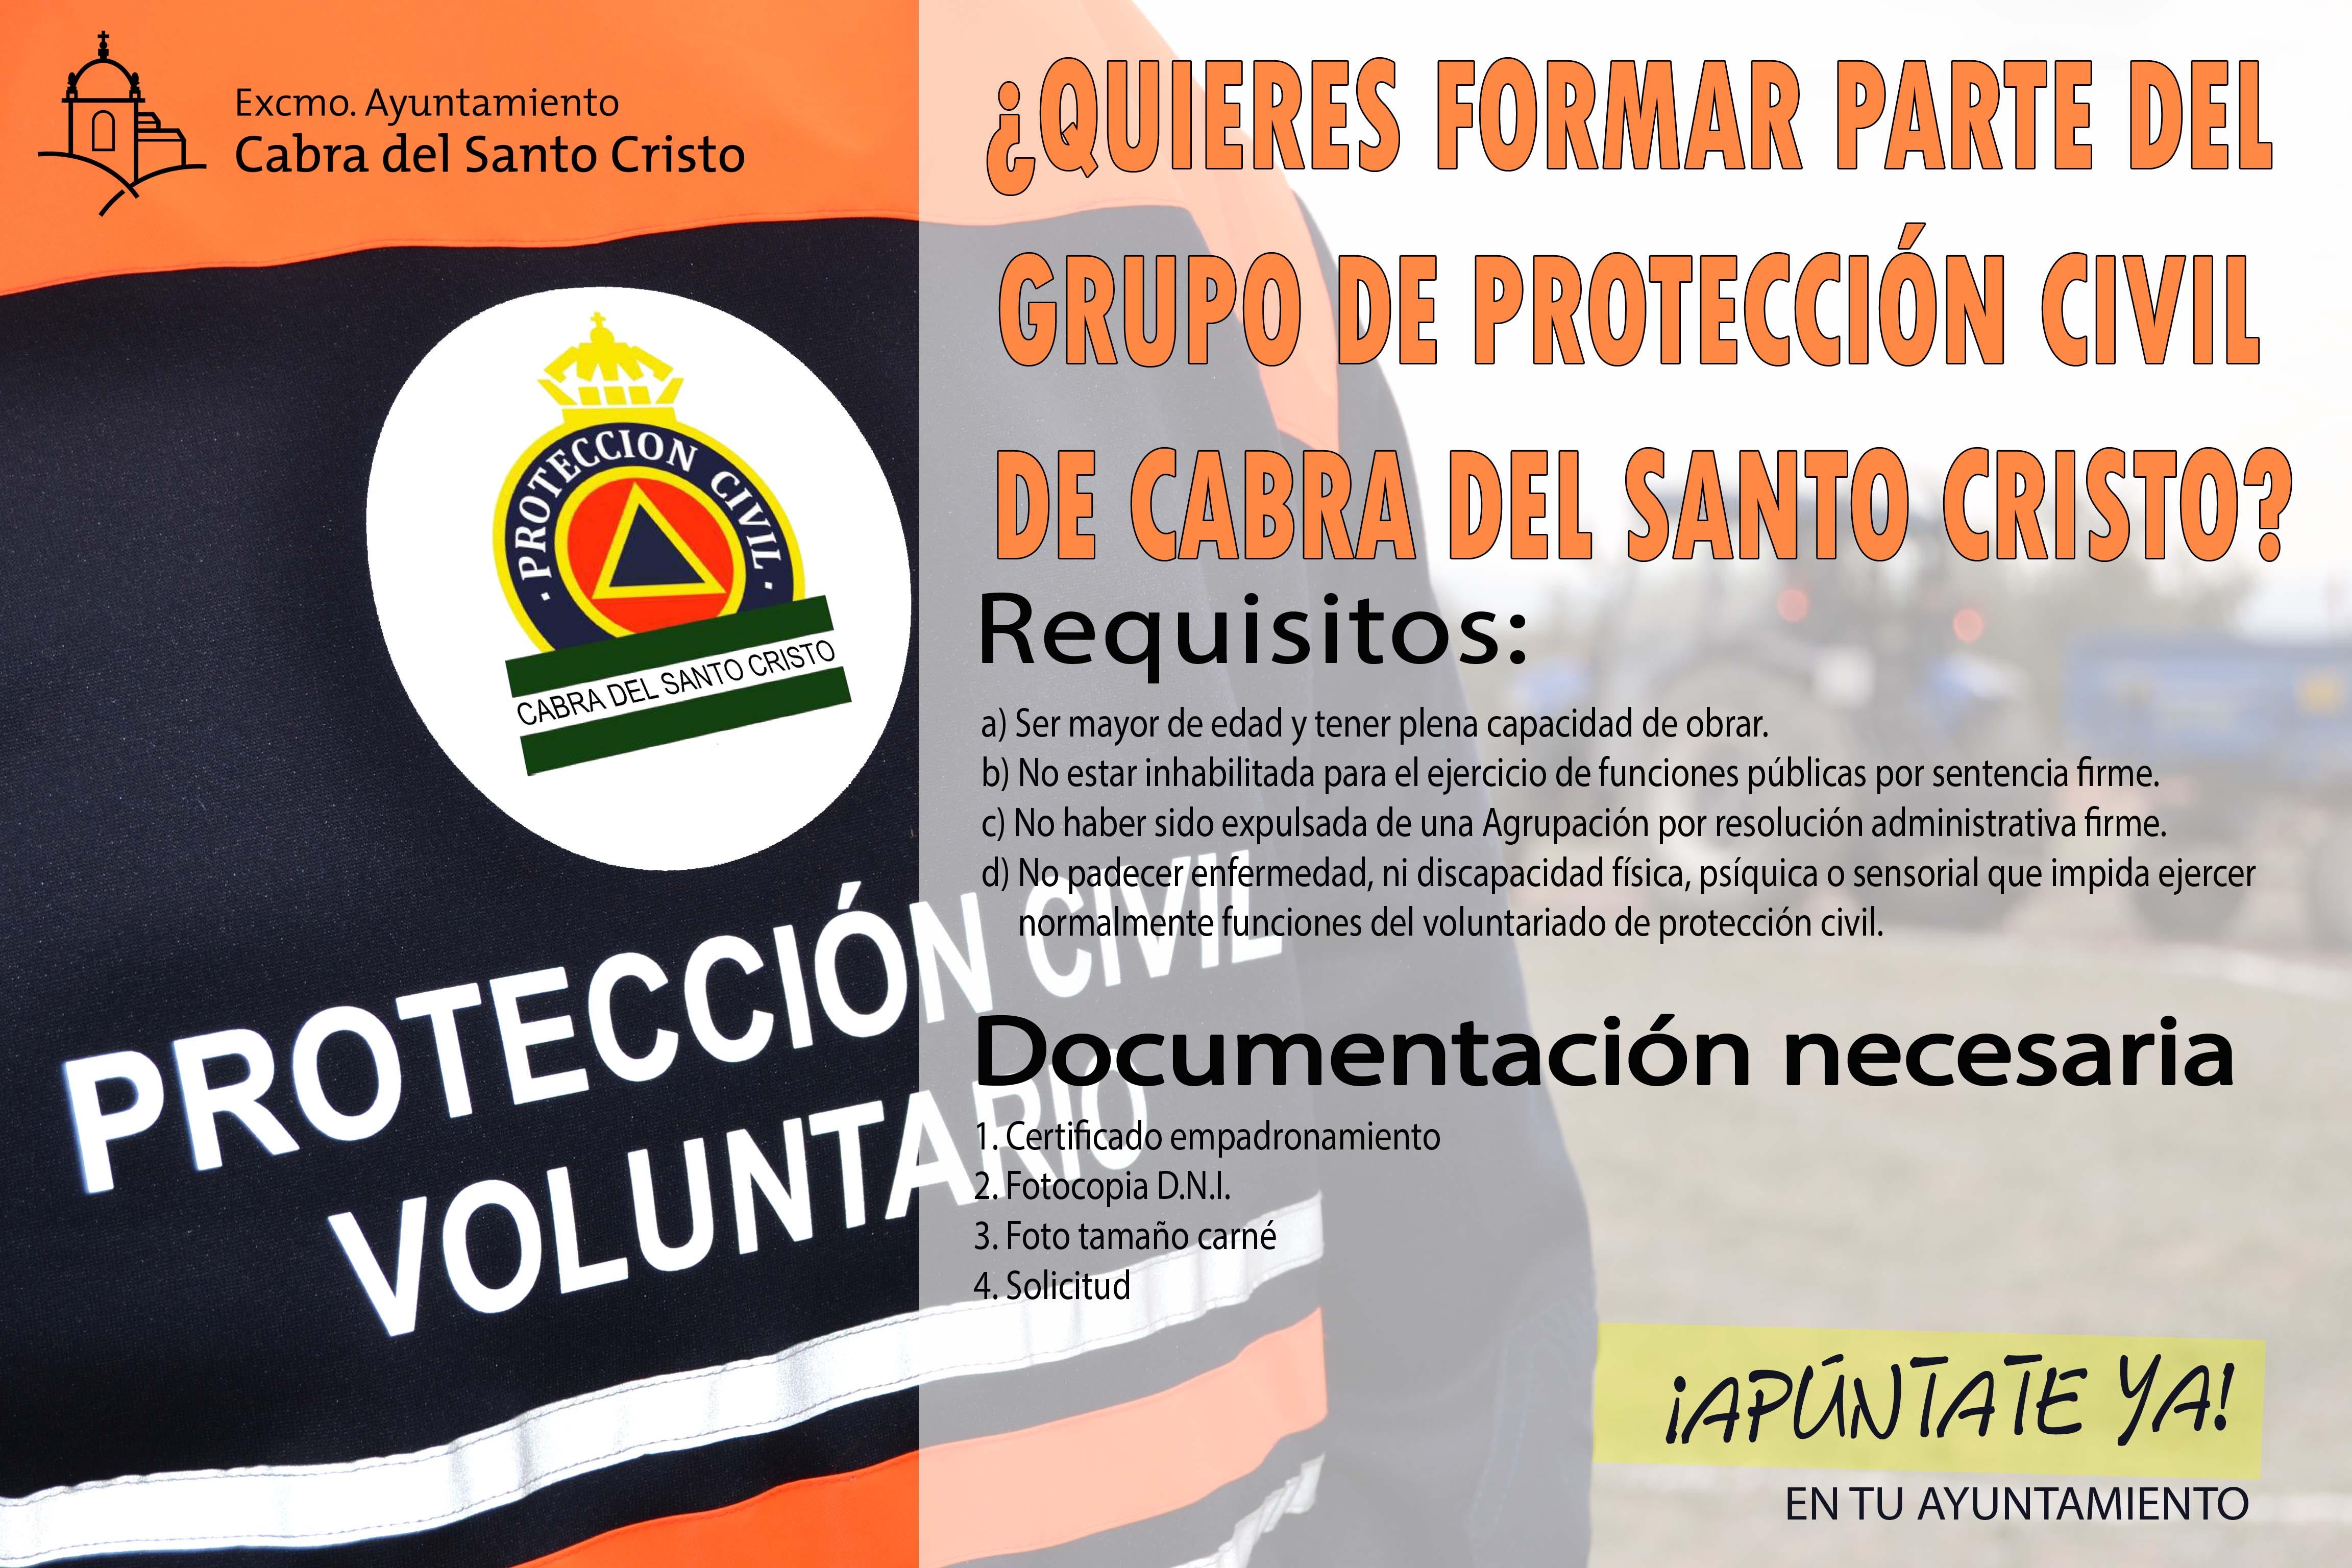 ¿QUIERES FORMAR PARTE DEL GRUPO DE PROTECCIÓN CIVIL DE CABRA DEL SANTO CRISTO?